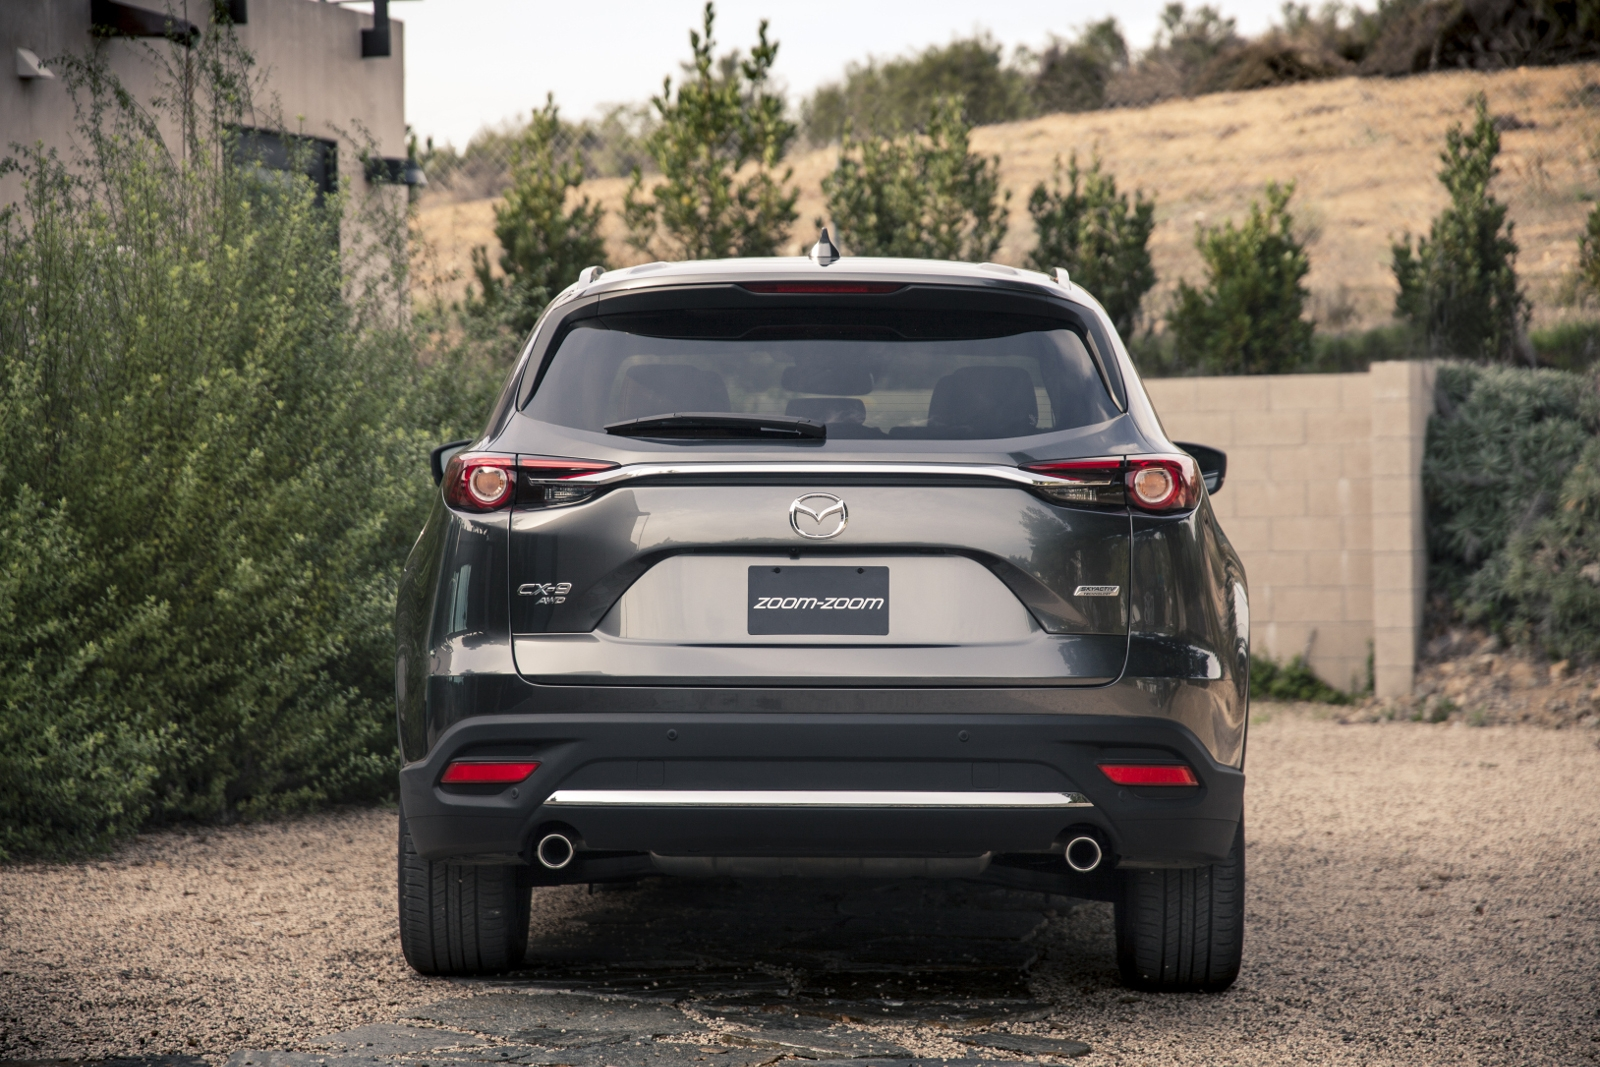 [Image: S0-Salon-de-Los-Angeles-Mazda-le-CX-9-of...366771.jpg]